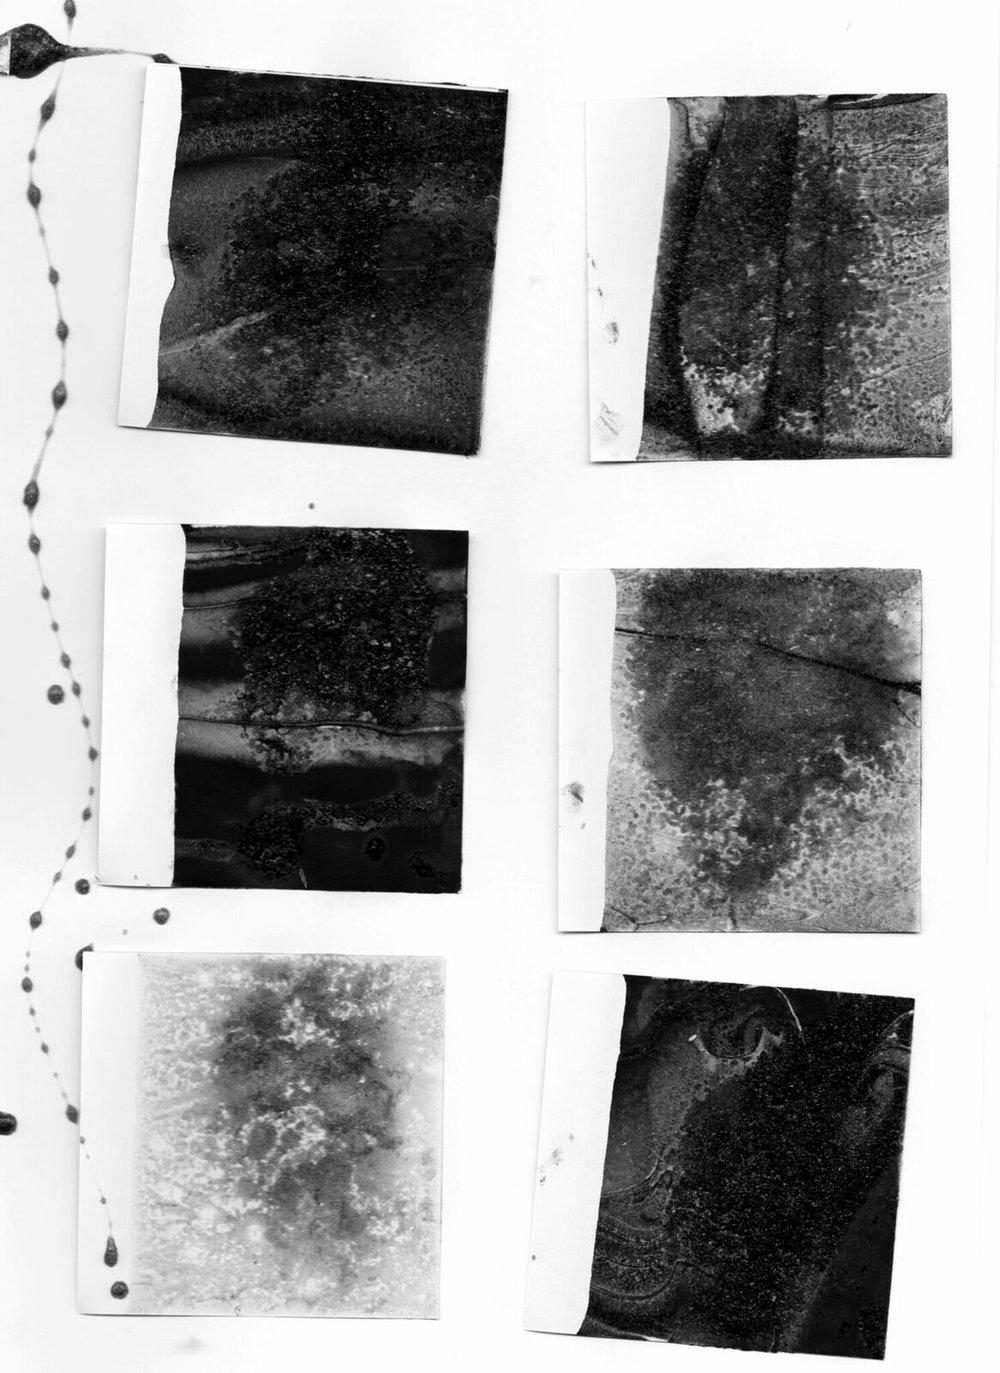 06.04.17 - marmorering scan 1.jpeg